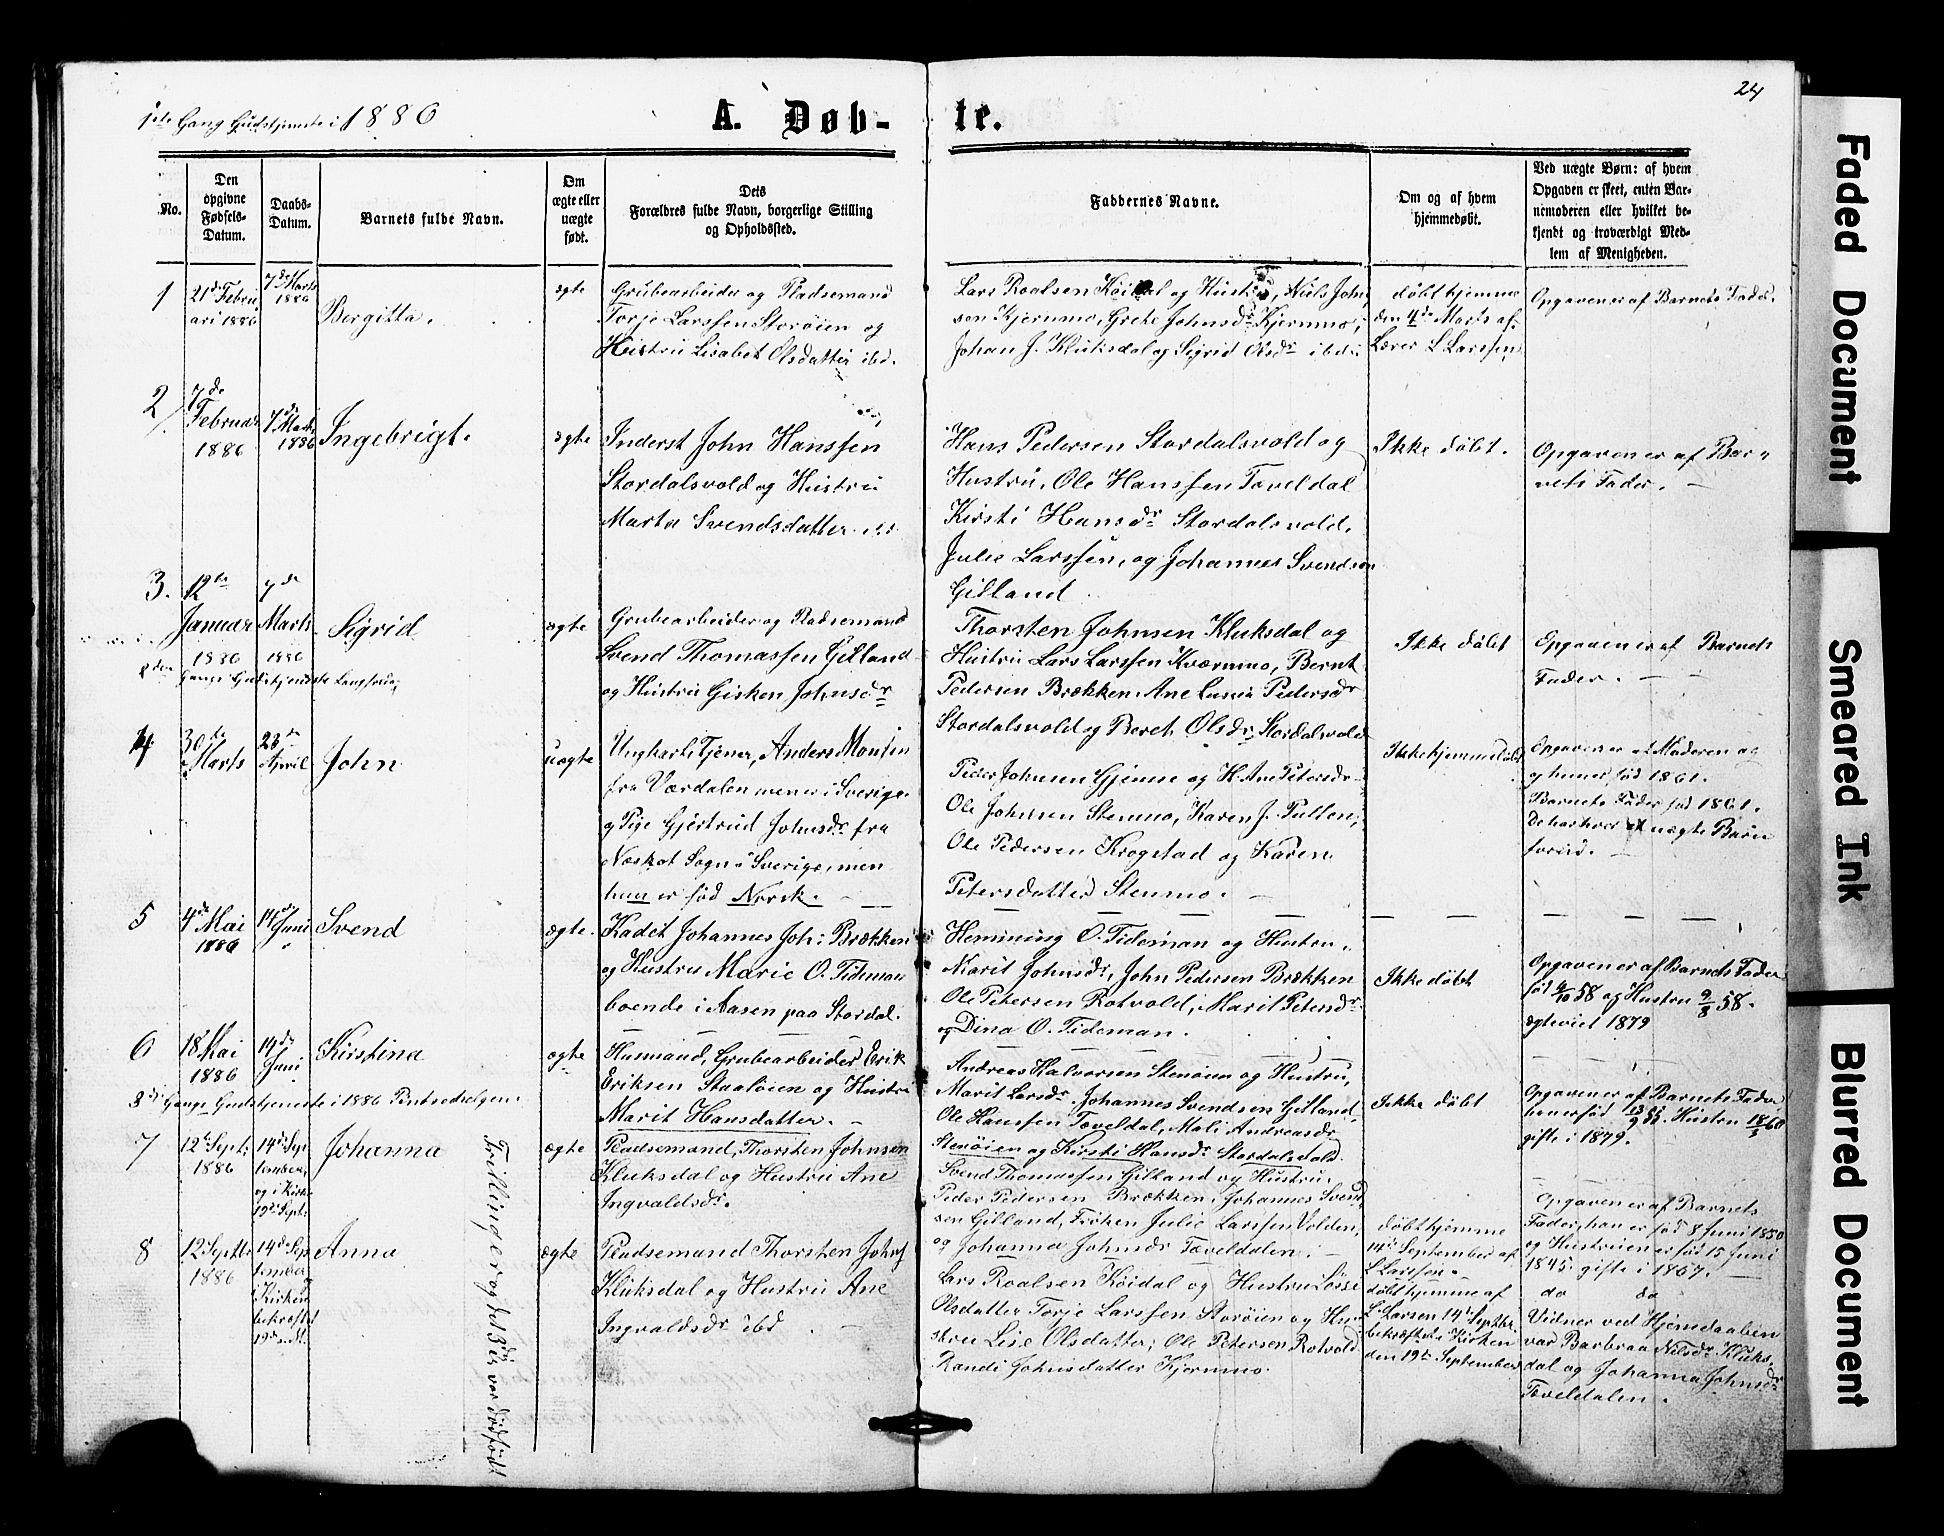 SAT, Ministerialprotokoller, klokkerbøker og fødselsregistre - Nord-Trøndelag, 707/L0052: Klokkerbok nr. 707C01, 1864-1897, s. 24